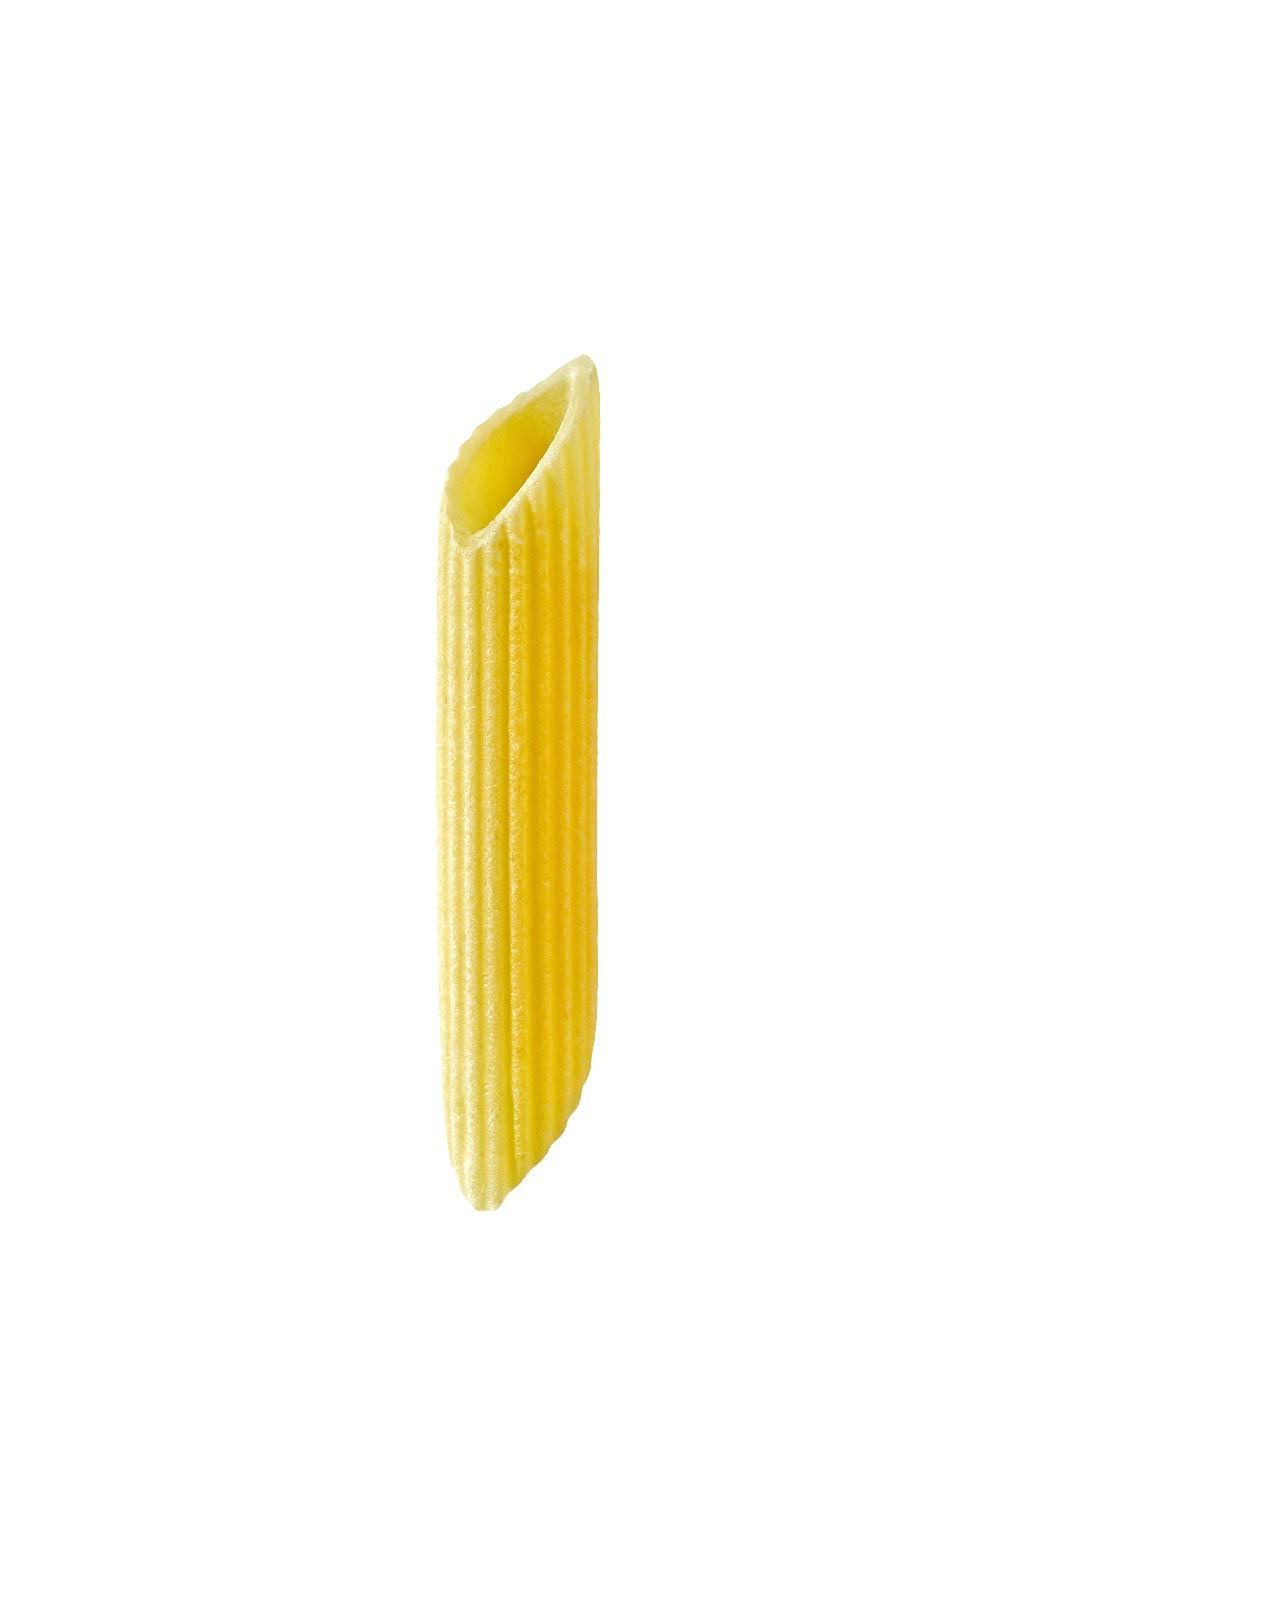 Penne Rigate Bronzo n° 156